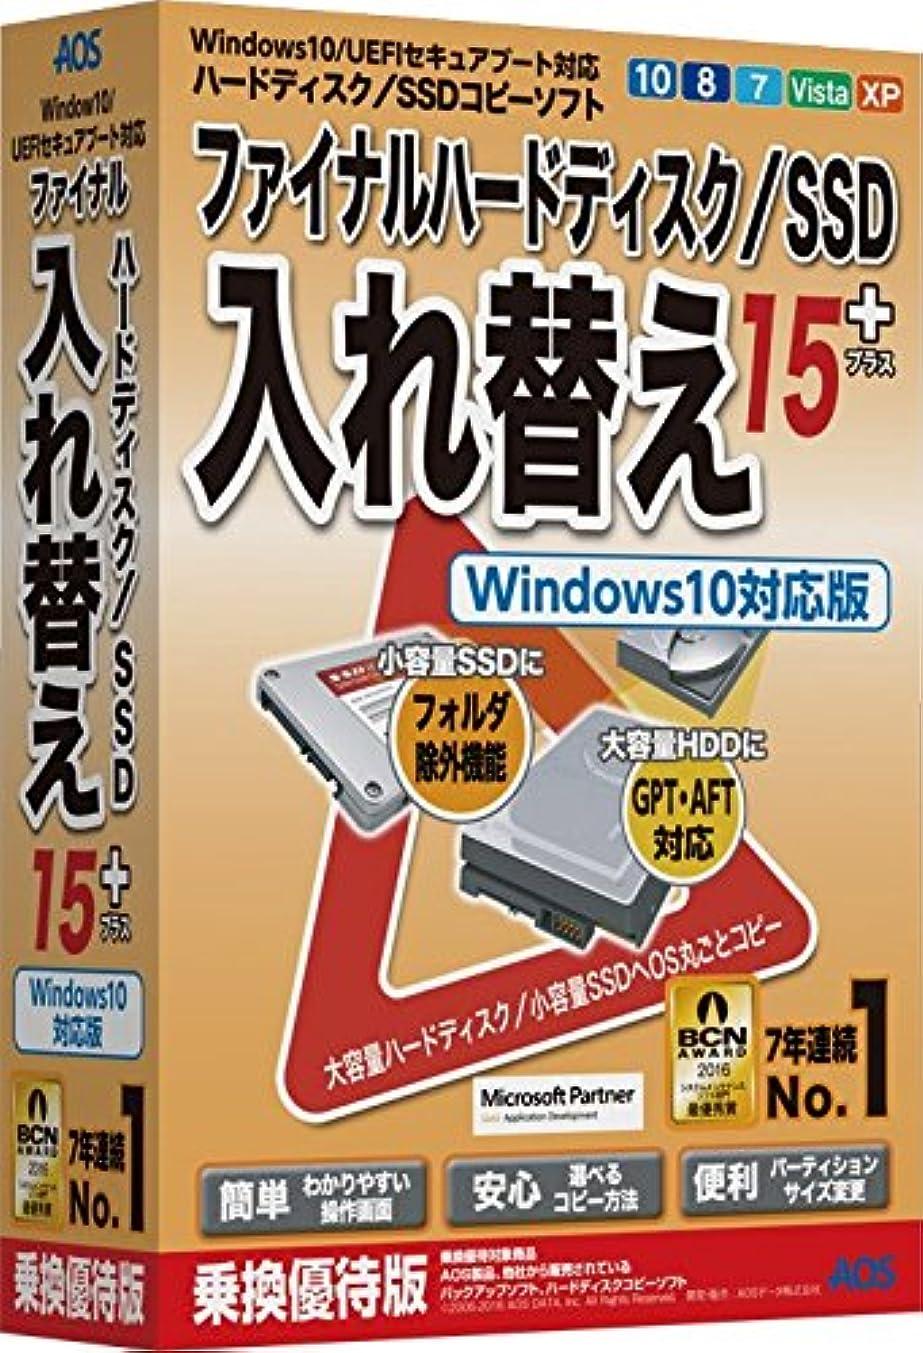 ノイズ受付契約ファイナルハードディスク/SSD入れ替え15plus Windows10対応版/乗換優待版【大容量HDD(GPT)対応、小容量SSDへ除外機能で丸ごとコピー】